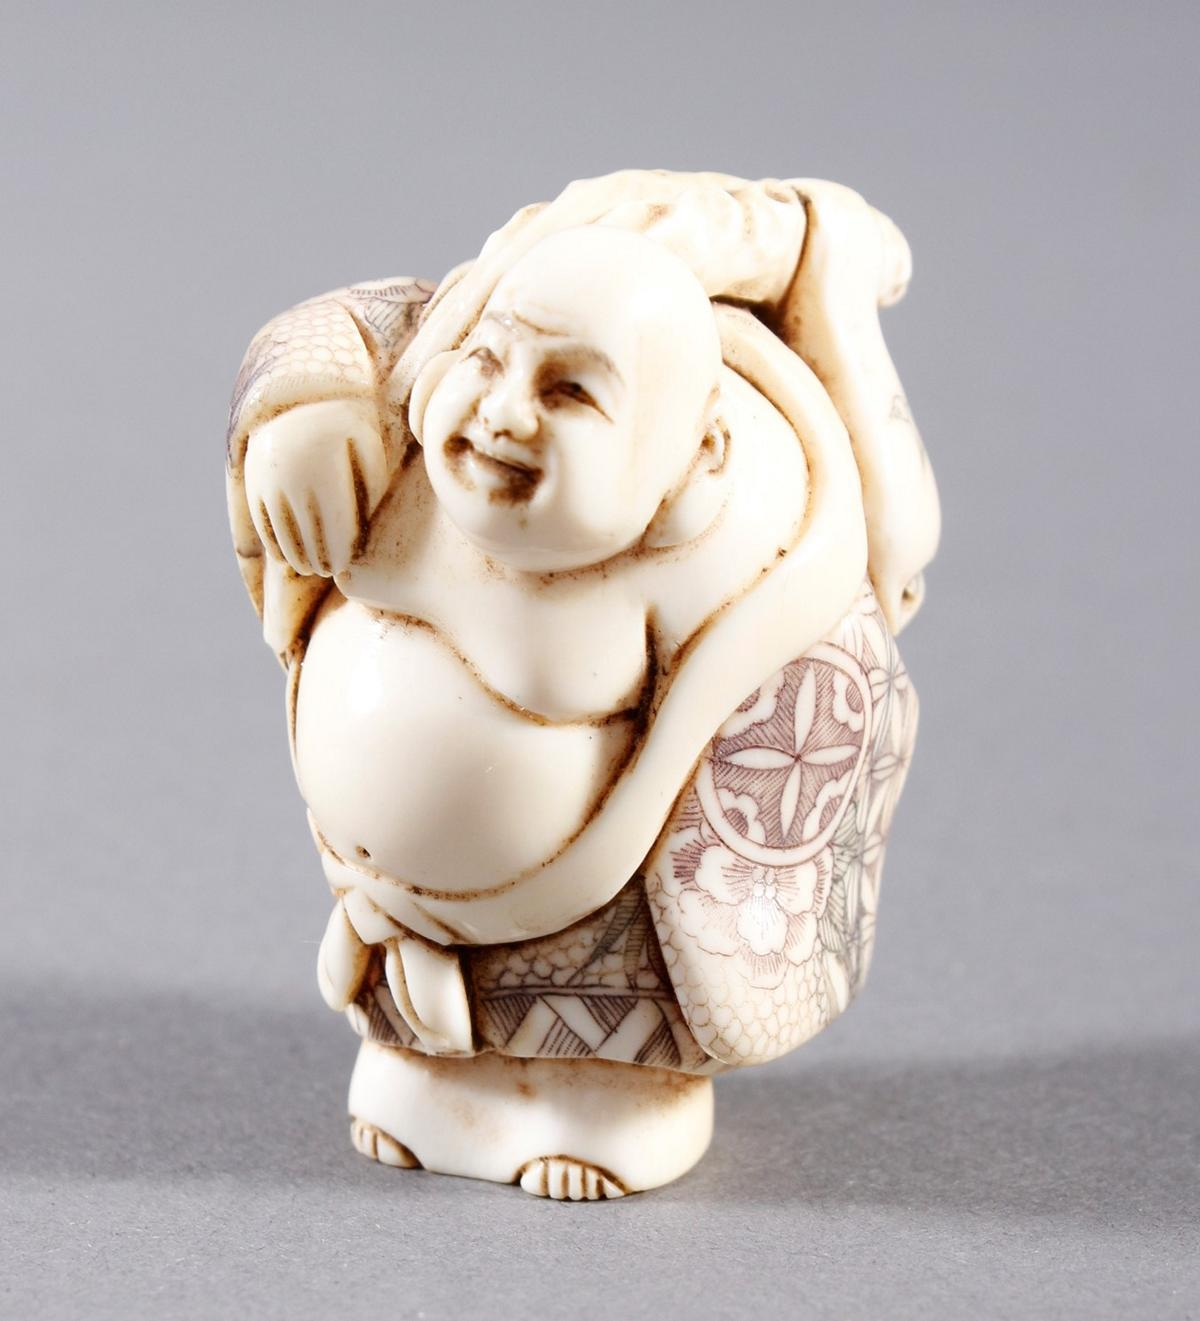 Elfenbein Okimono, Unsterblicher, Japan, Meiji Periode